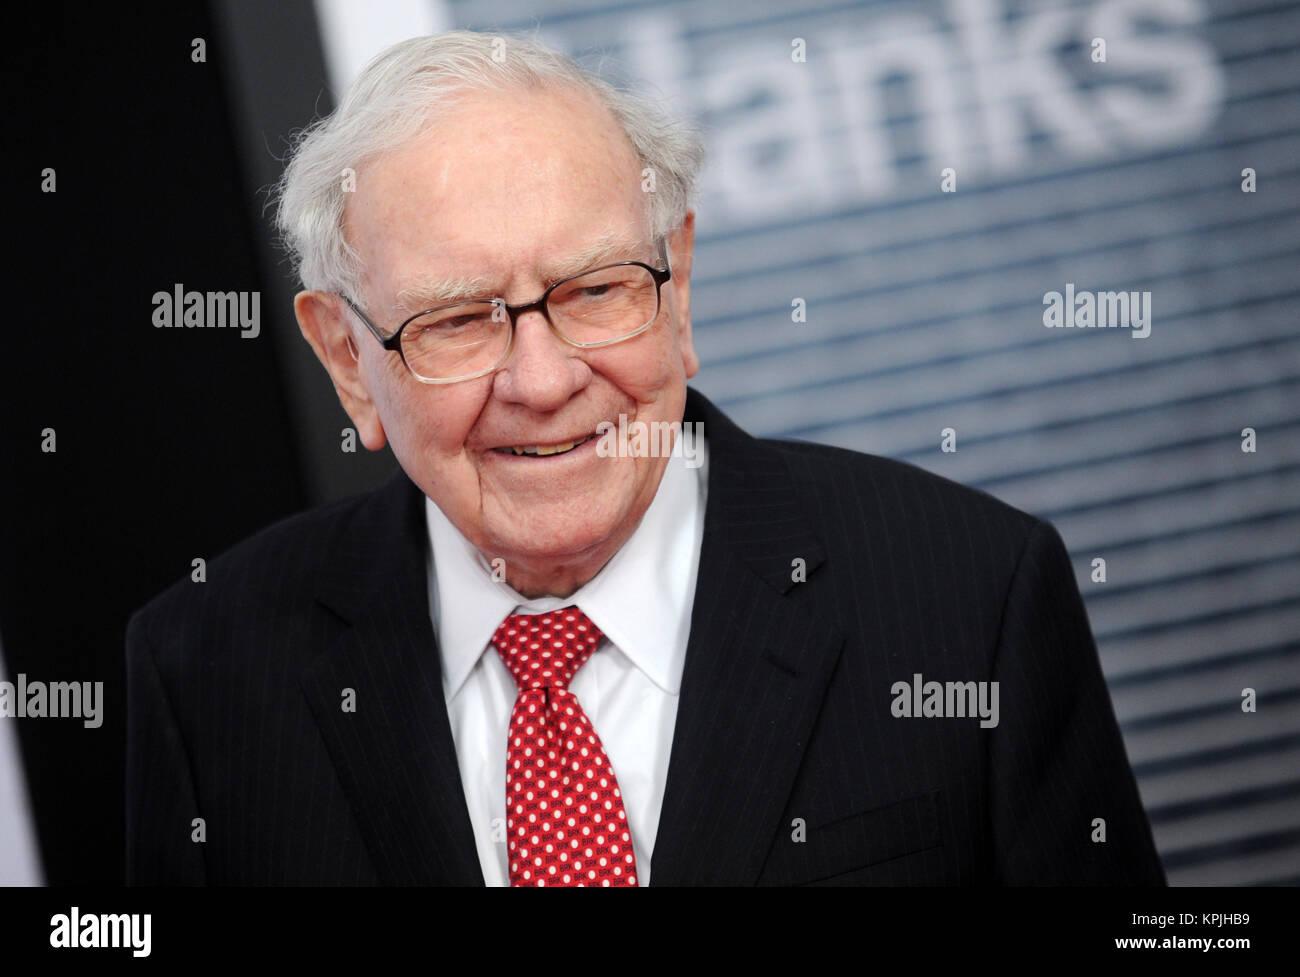 WASHINGTON, D.C. DECEMBER 14: Warren Buffett at the premiere of 'The Post' on December 14, 2017, in Washington, - Stock Image